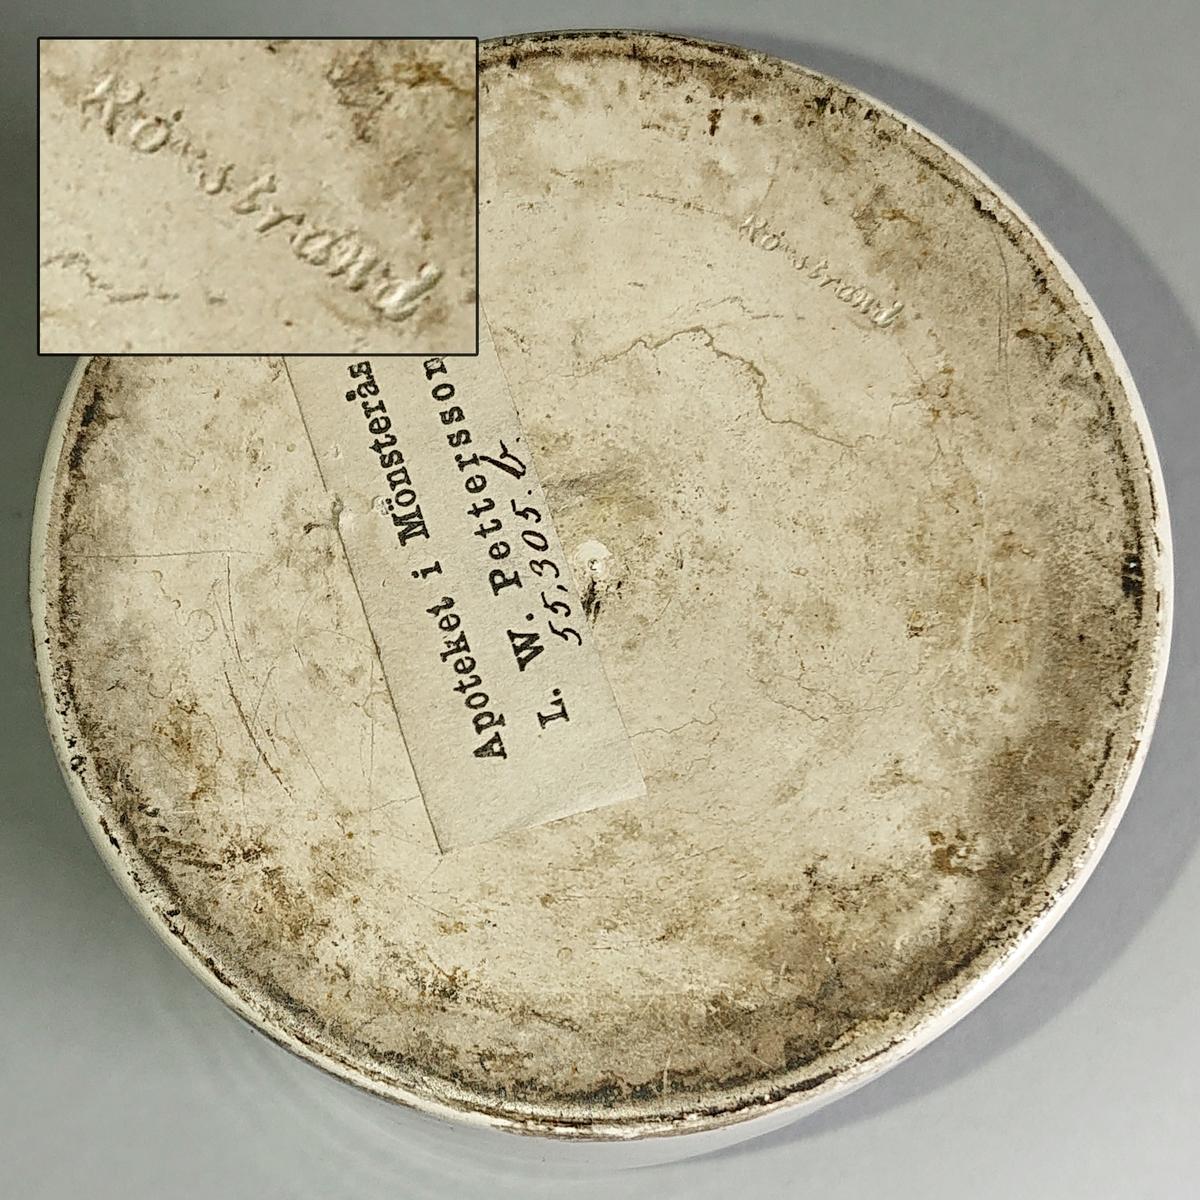 Ståndkärl, burk, av vitglaserat flintgods. Cylindrisk med rak mynning. Platt lock av bleckplåt.